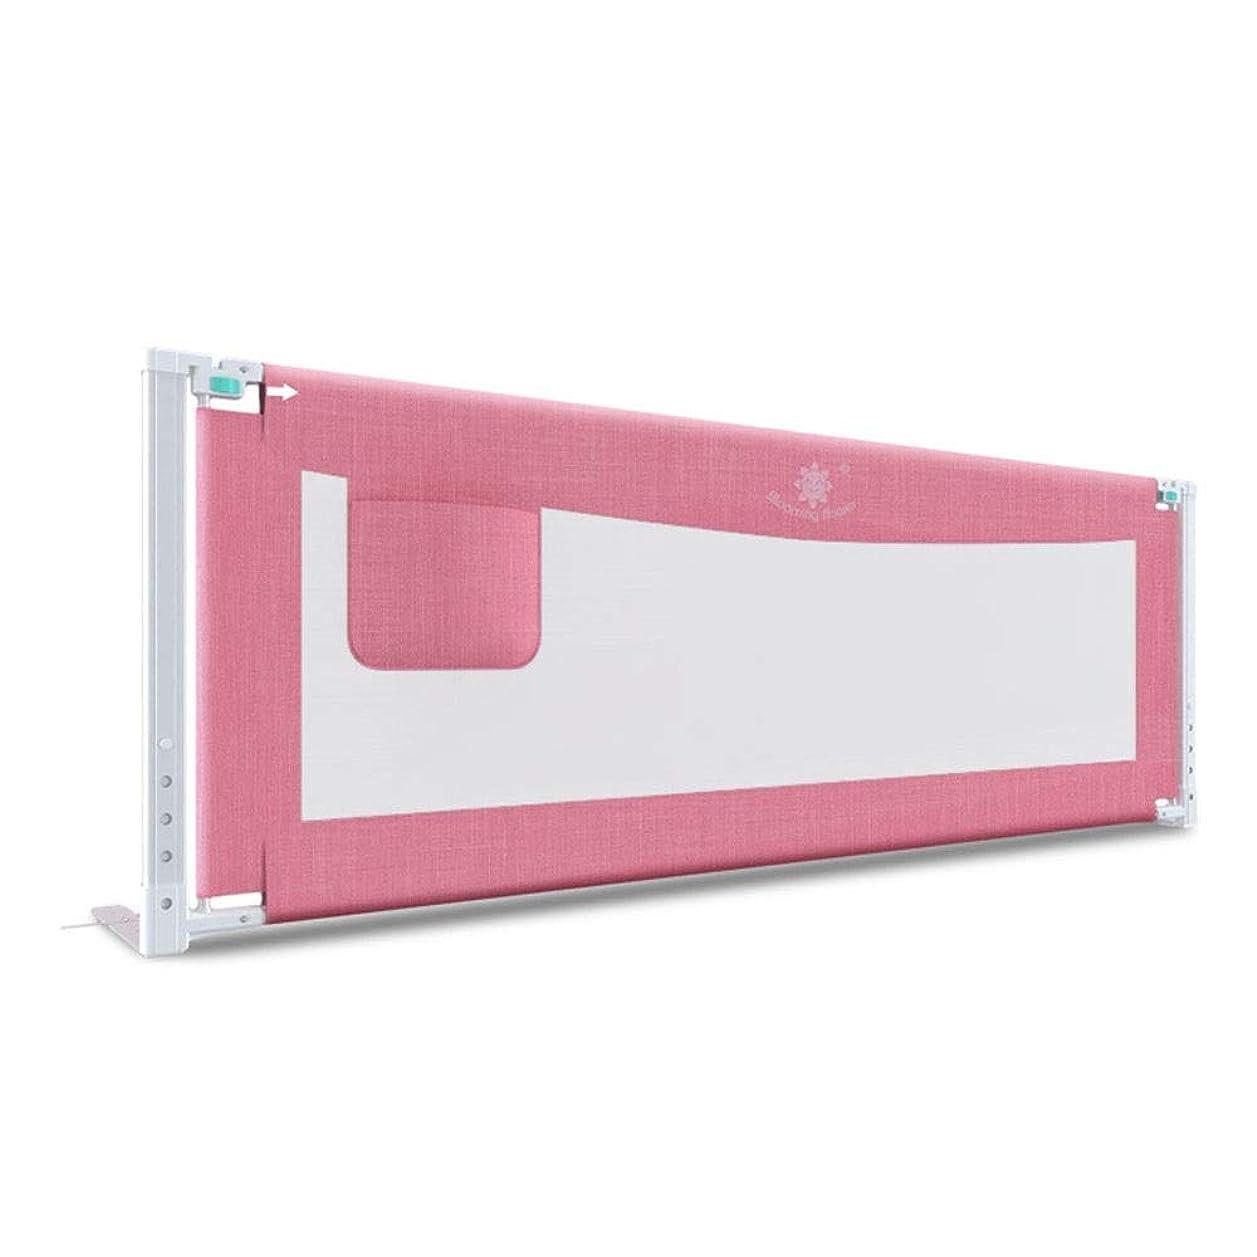 十分蒸スクラップブックYxsd ベッドの柵のベッドの監視幼児、高さで調節可能のための携帯用折り畳み式の安全柵 (Color : Pink, Size : 150cm)